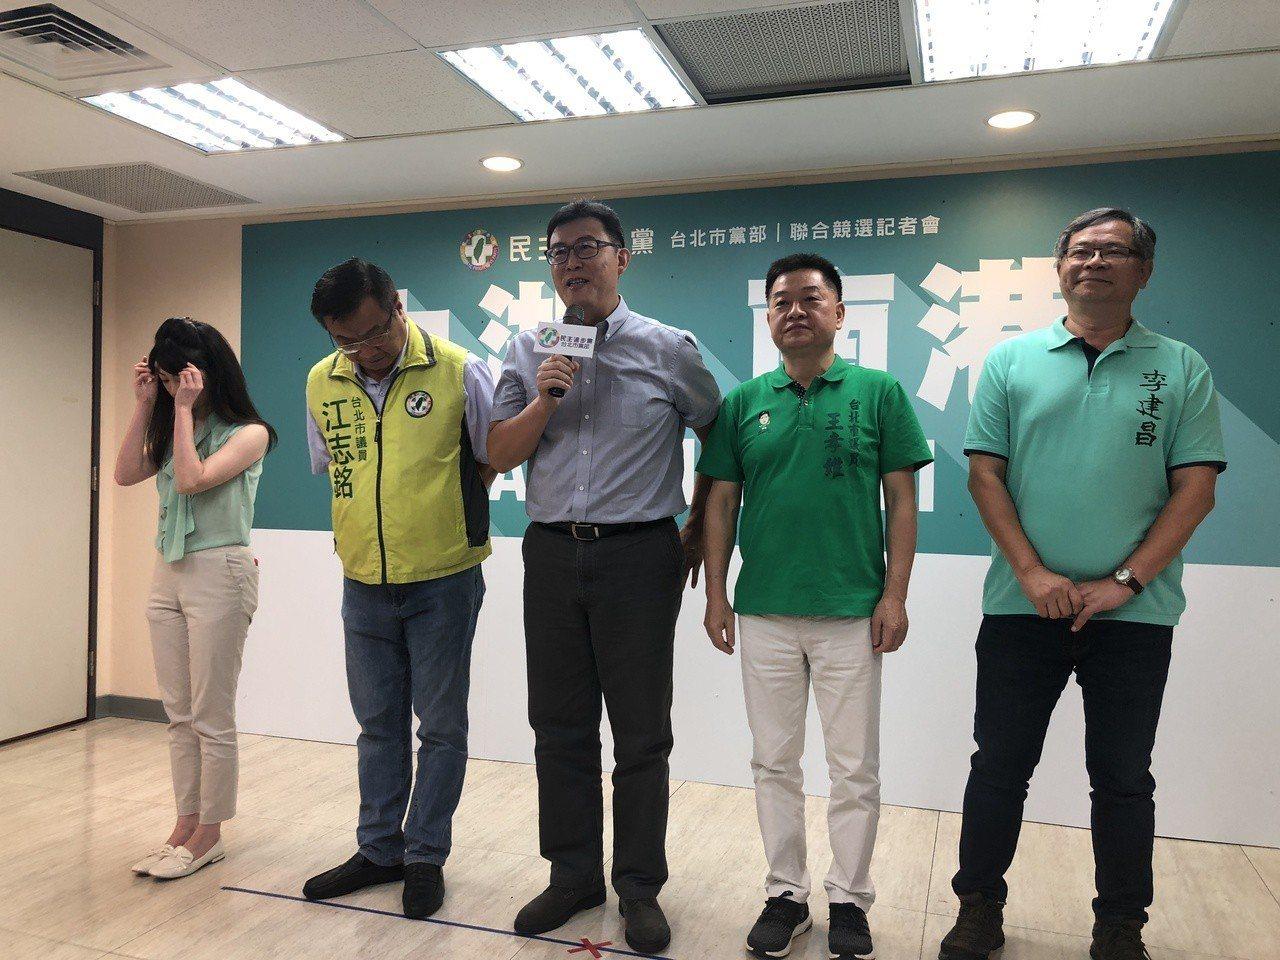 台北市港湖區民進黨今舉行聯合競選記者會。記者陳靖宜/攝影